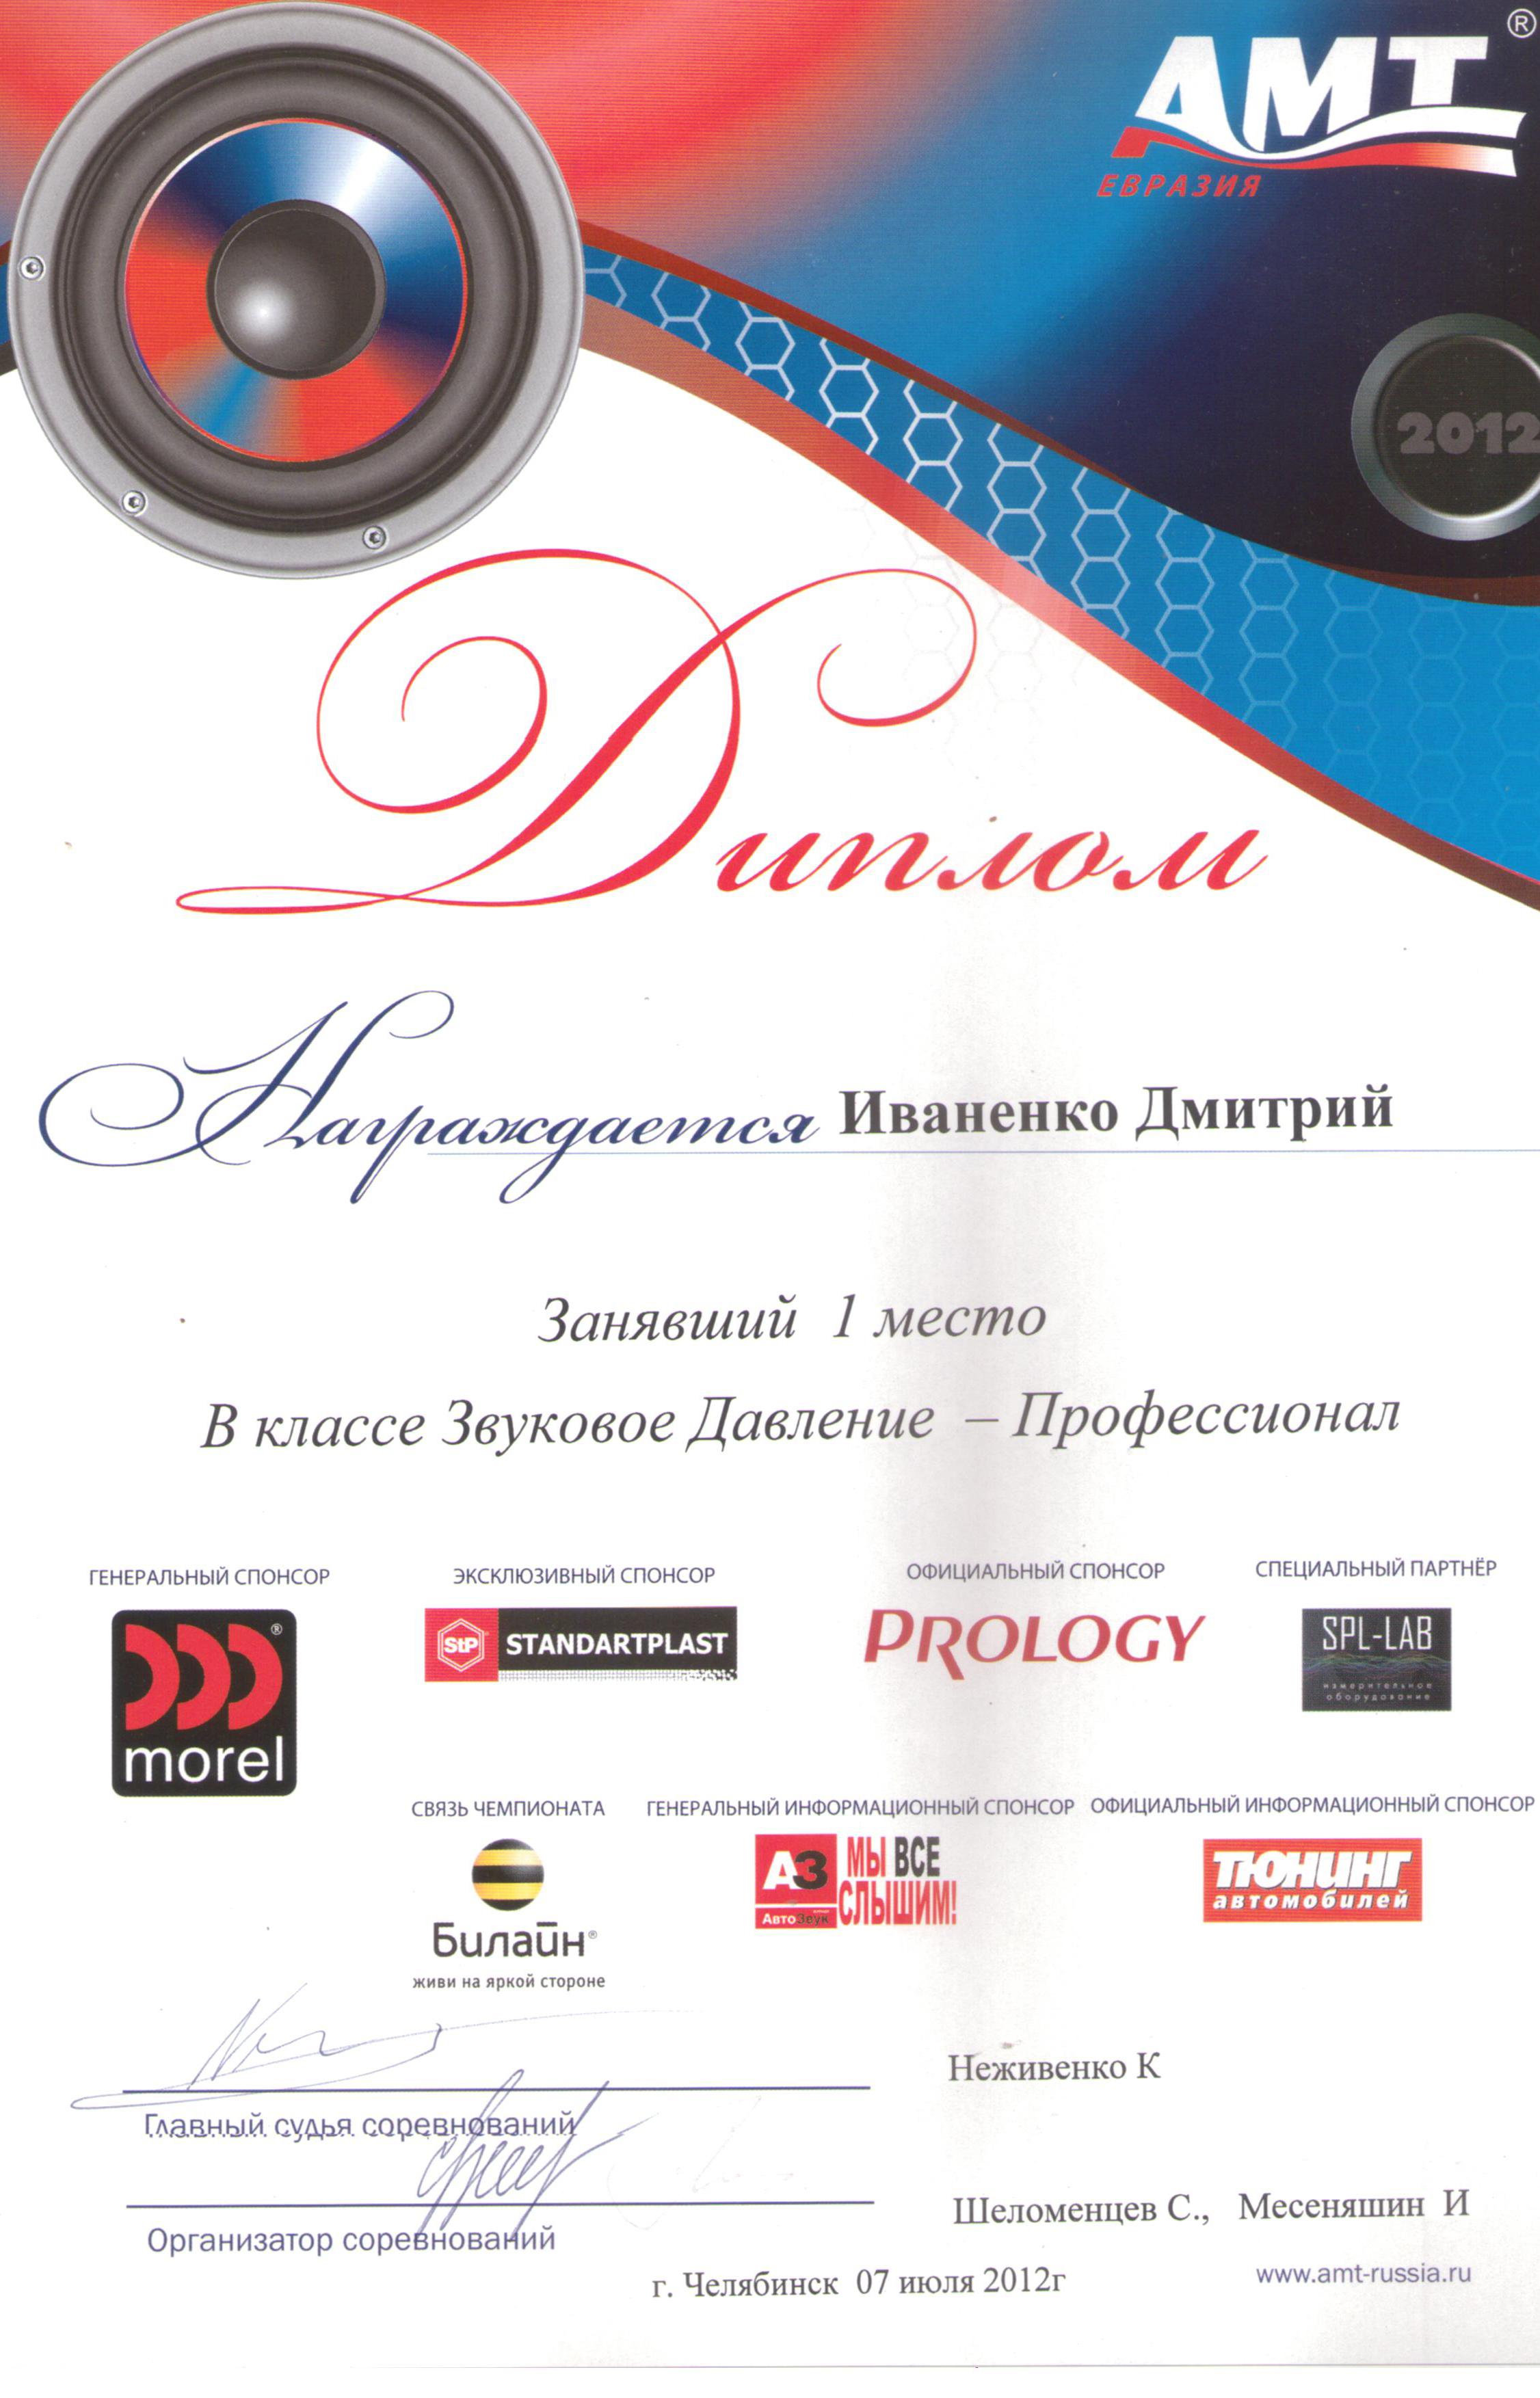 1 место АМТ Челябинск 2012г